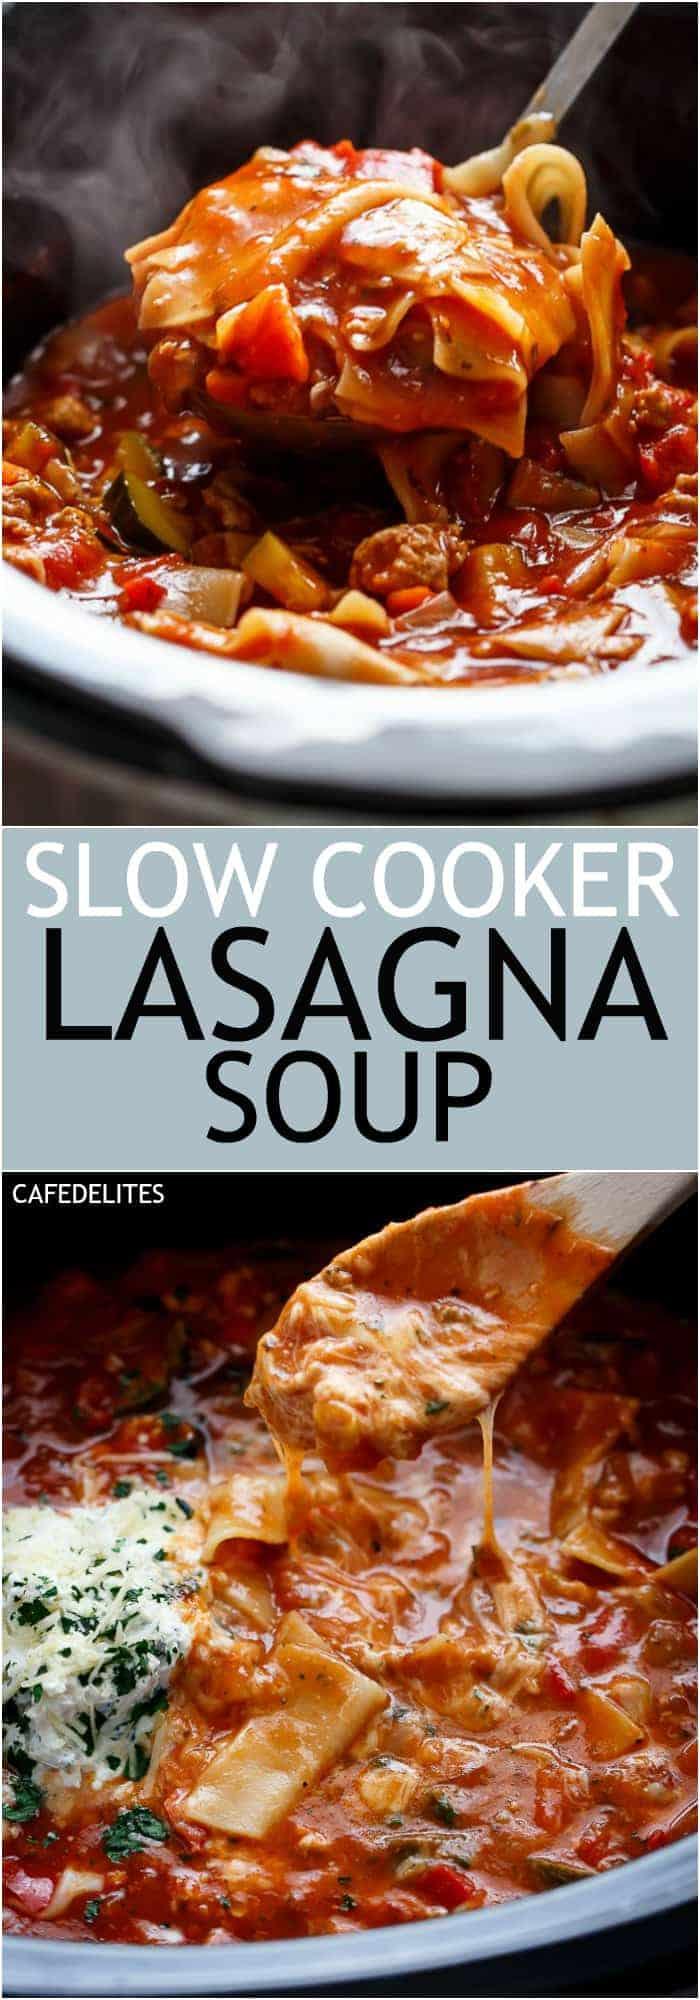 Lightened Up Easy Slow Cooker Lasagna Soup | https://cafedelites.com